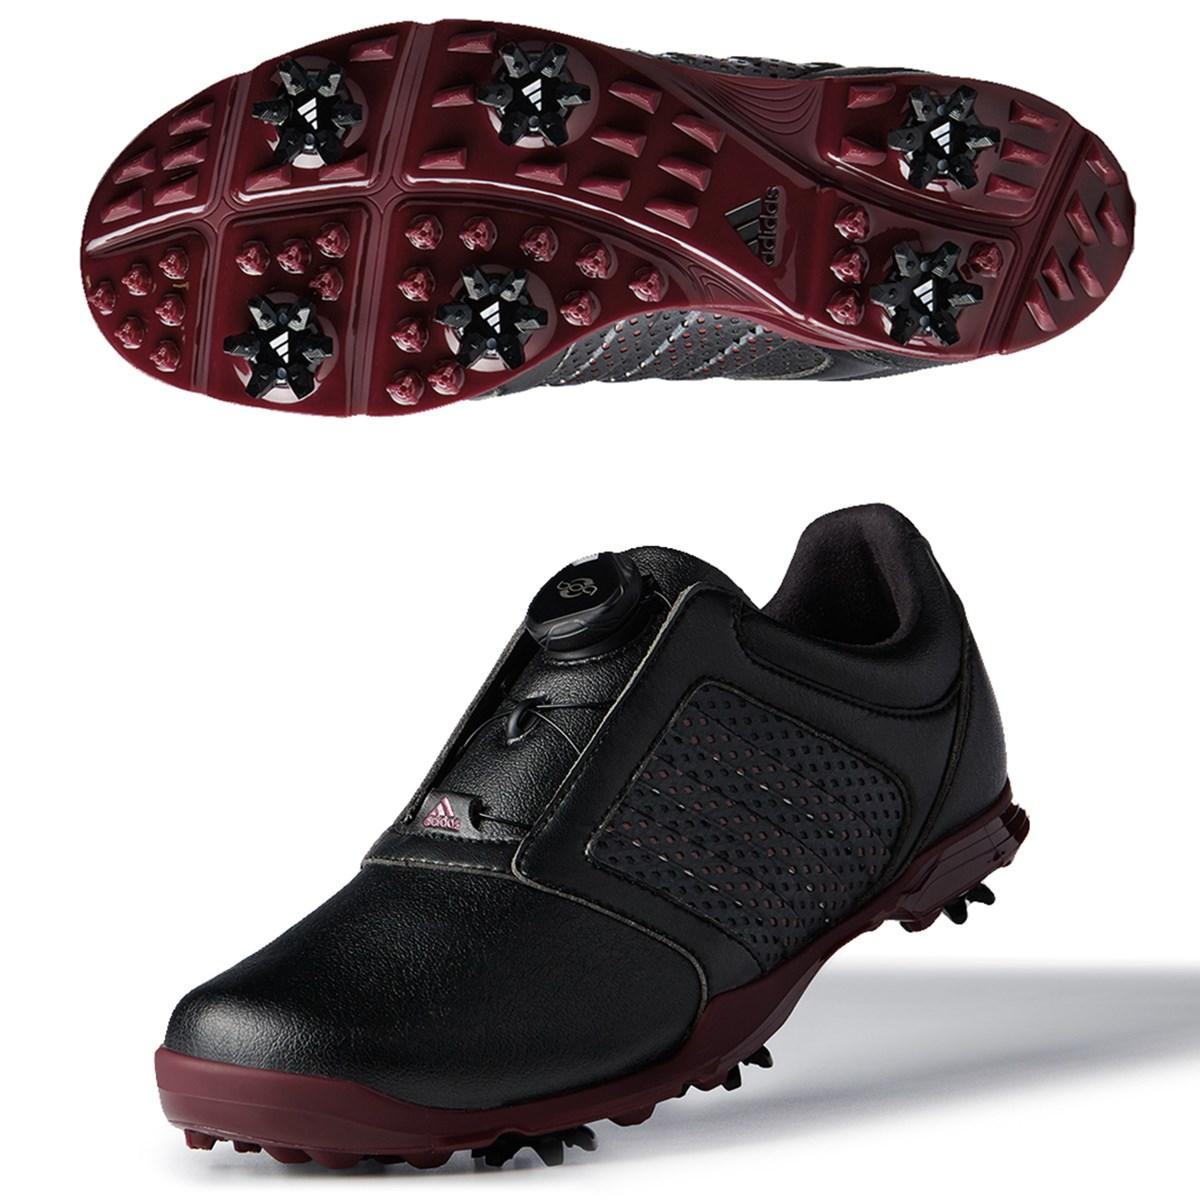 アディダス(adidas) アディピュア ボアシューズレディス